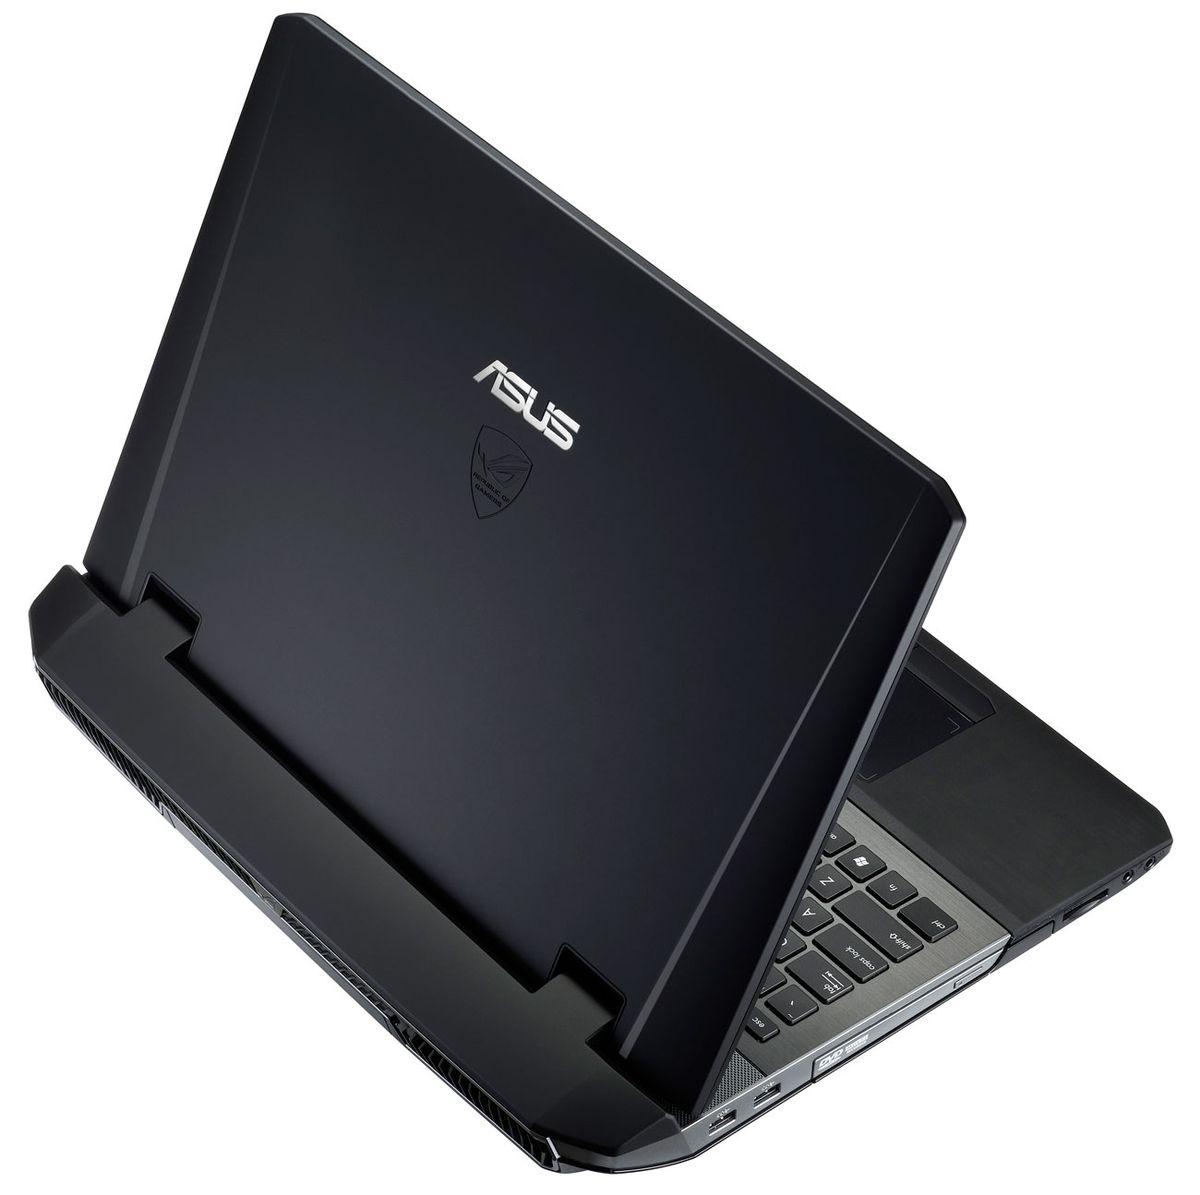 """Asus G75VX-T4192H à 1469€, 17.3"""" Full HD mat: GTX 670MX, Core i7 Ivy Bridge, 16 Go, 1.5 To 7200tr RAID 0"""